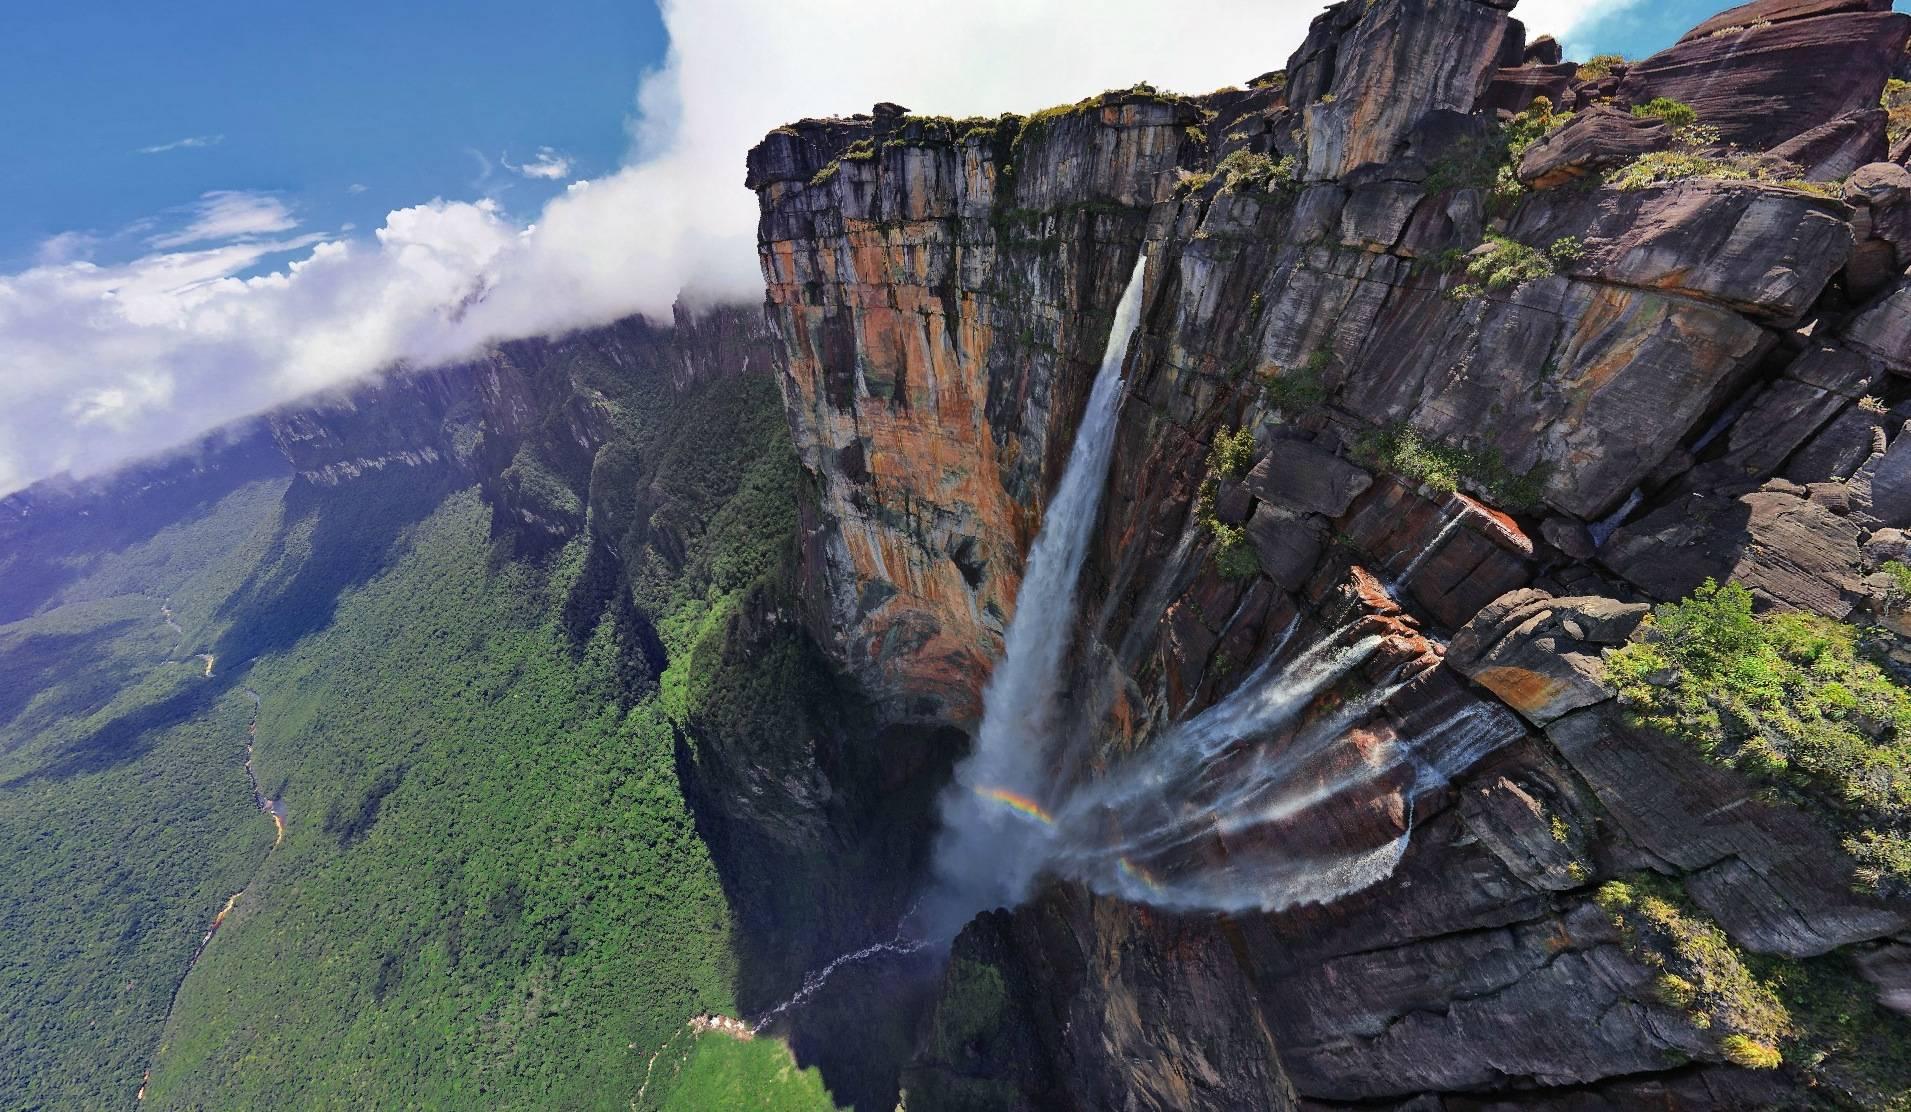 Angel Fall lokasinya ada di daerah terpencil dan sulit diakses. Namun ...